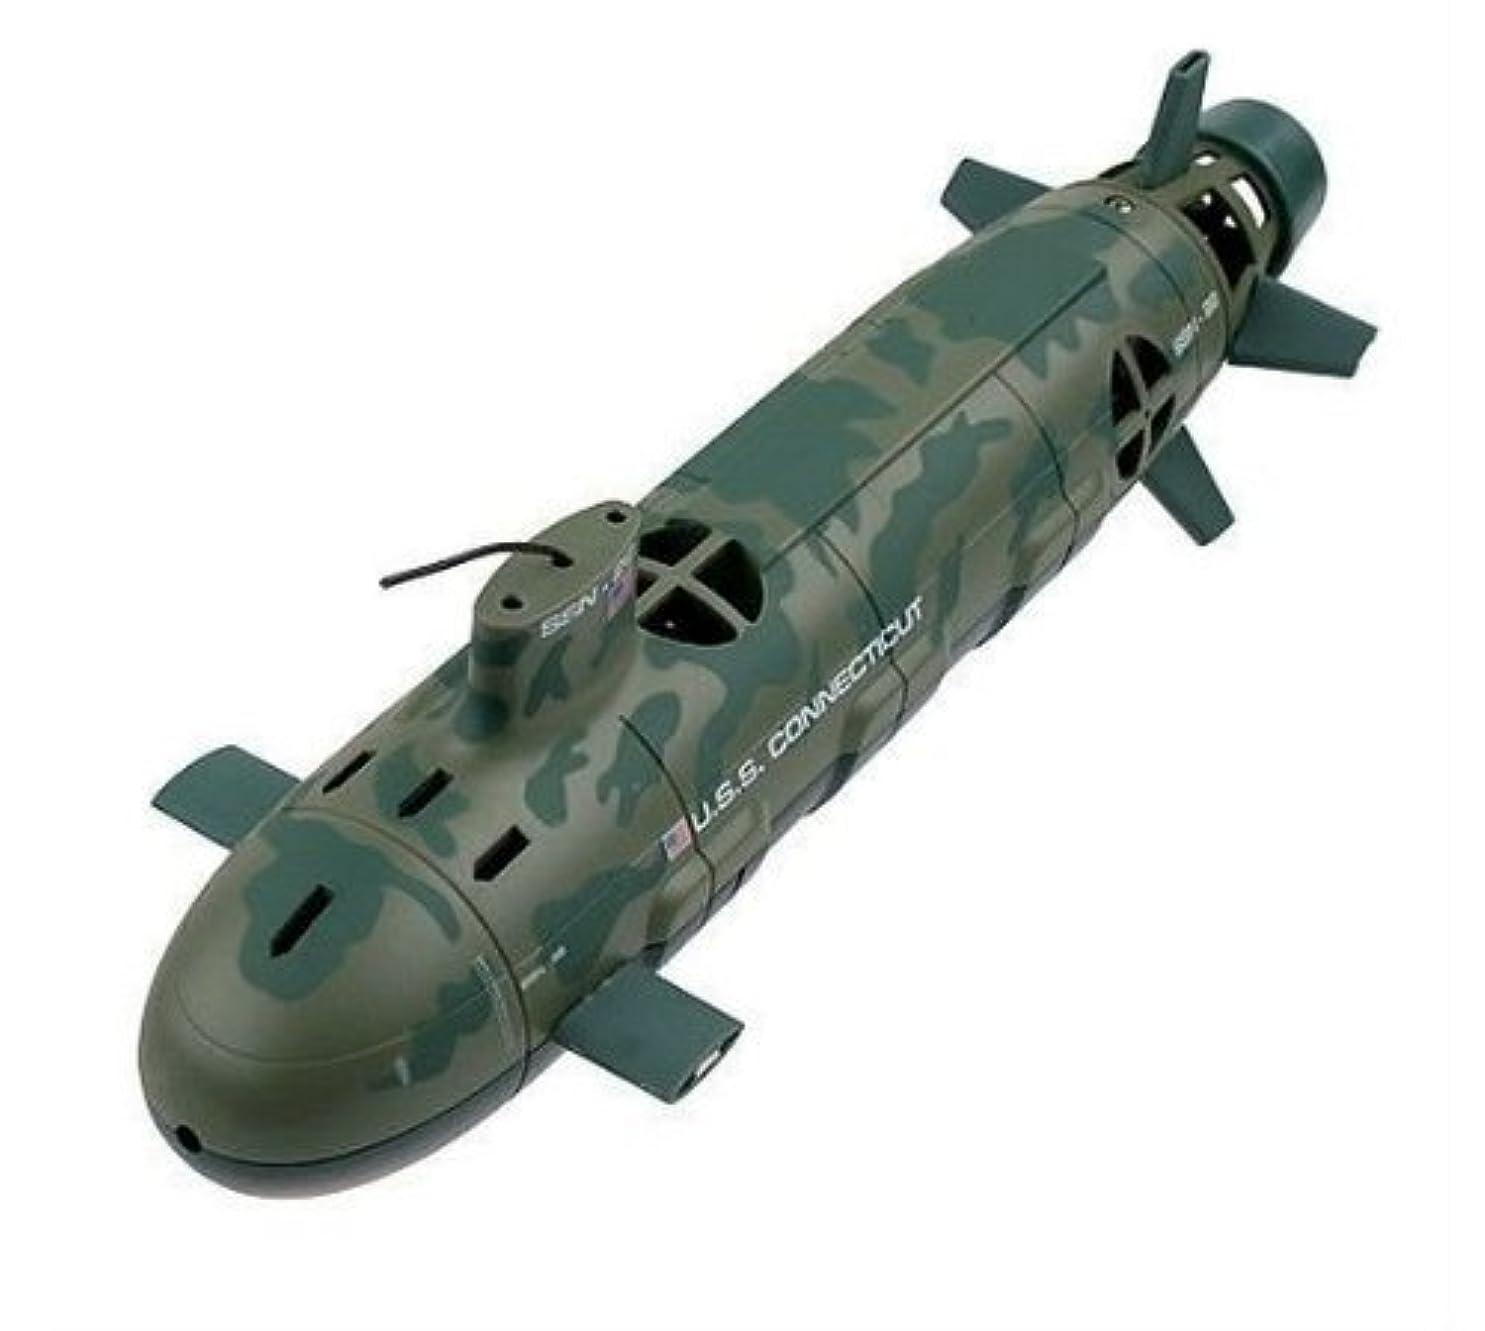 日曜日こんにちは速度RC3CH シャーク サメ ミニ リモートコントロール 水中おもちゃ かわいい 鮫 小型 USB充電 子供 キッズ 玩具 プレゼント 缶詰包装